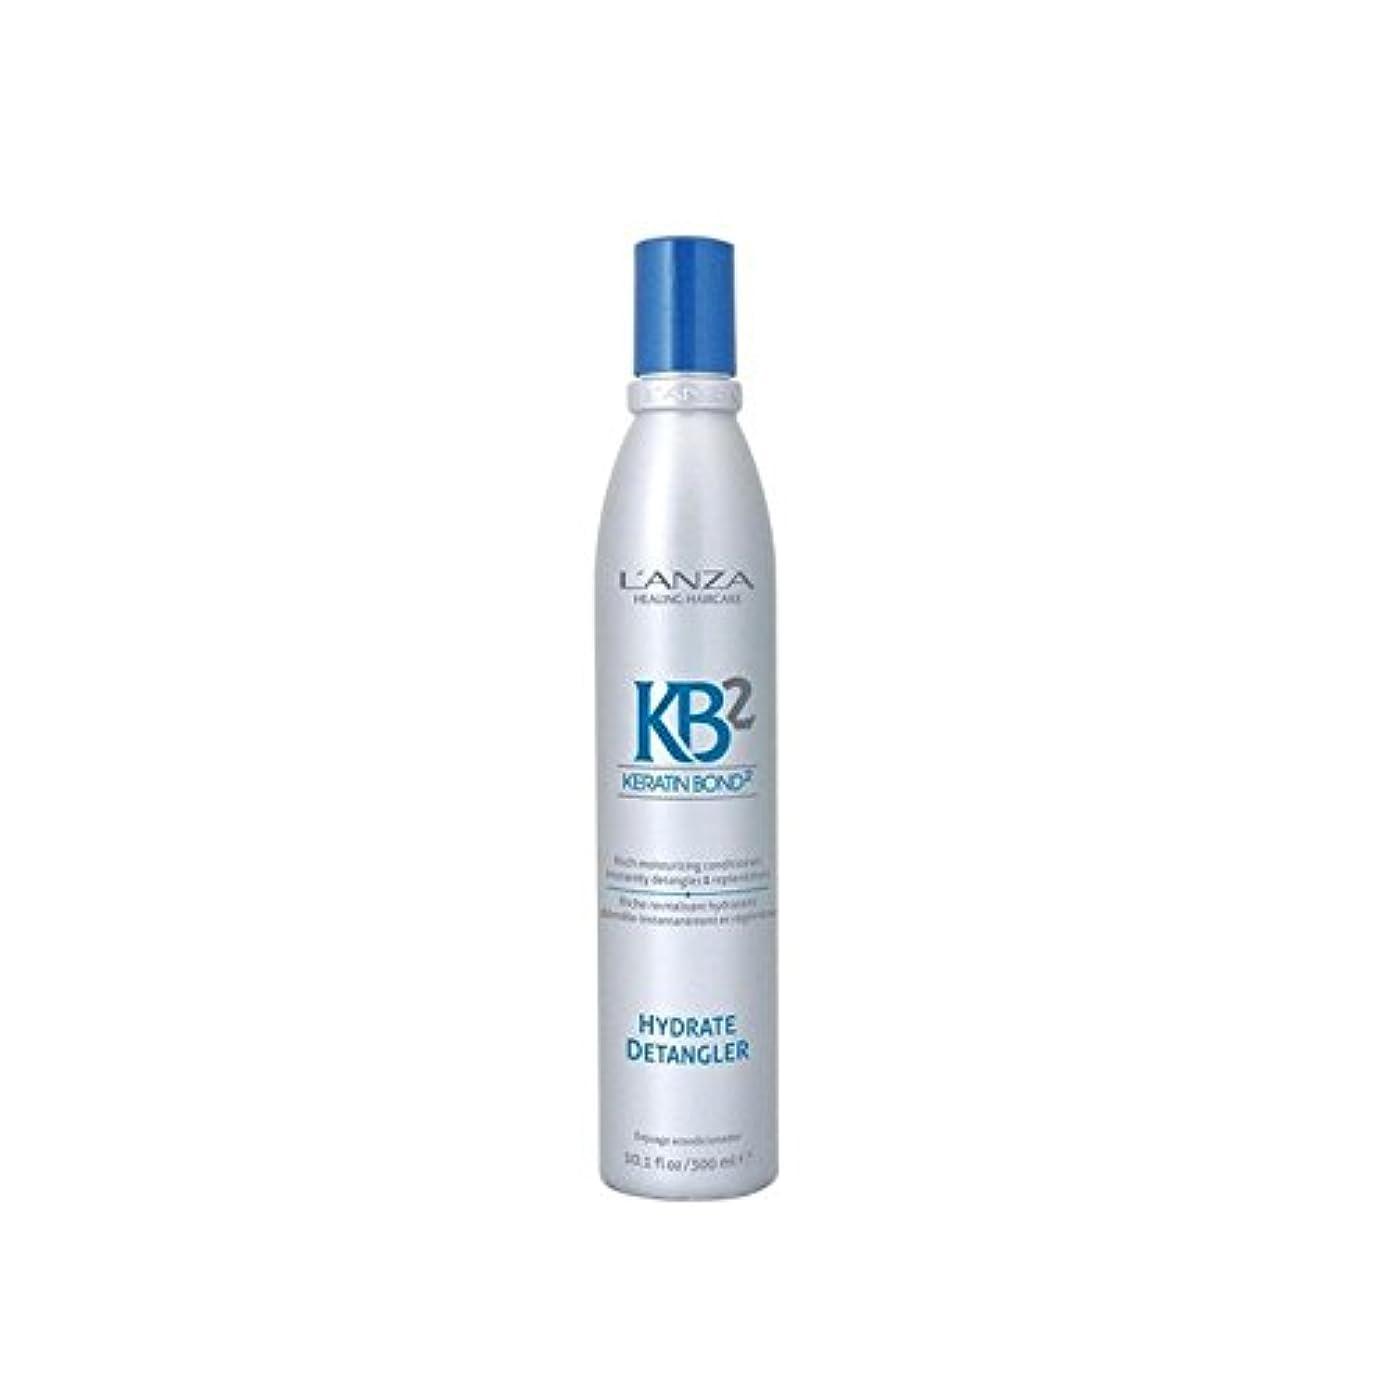 アピール未亡人知恵L'Anza Kb2 Hydrate Detangler (300ml) - アンザ2和物(300ミリリットル) [並行輸入品]